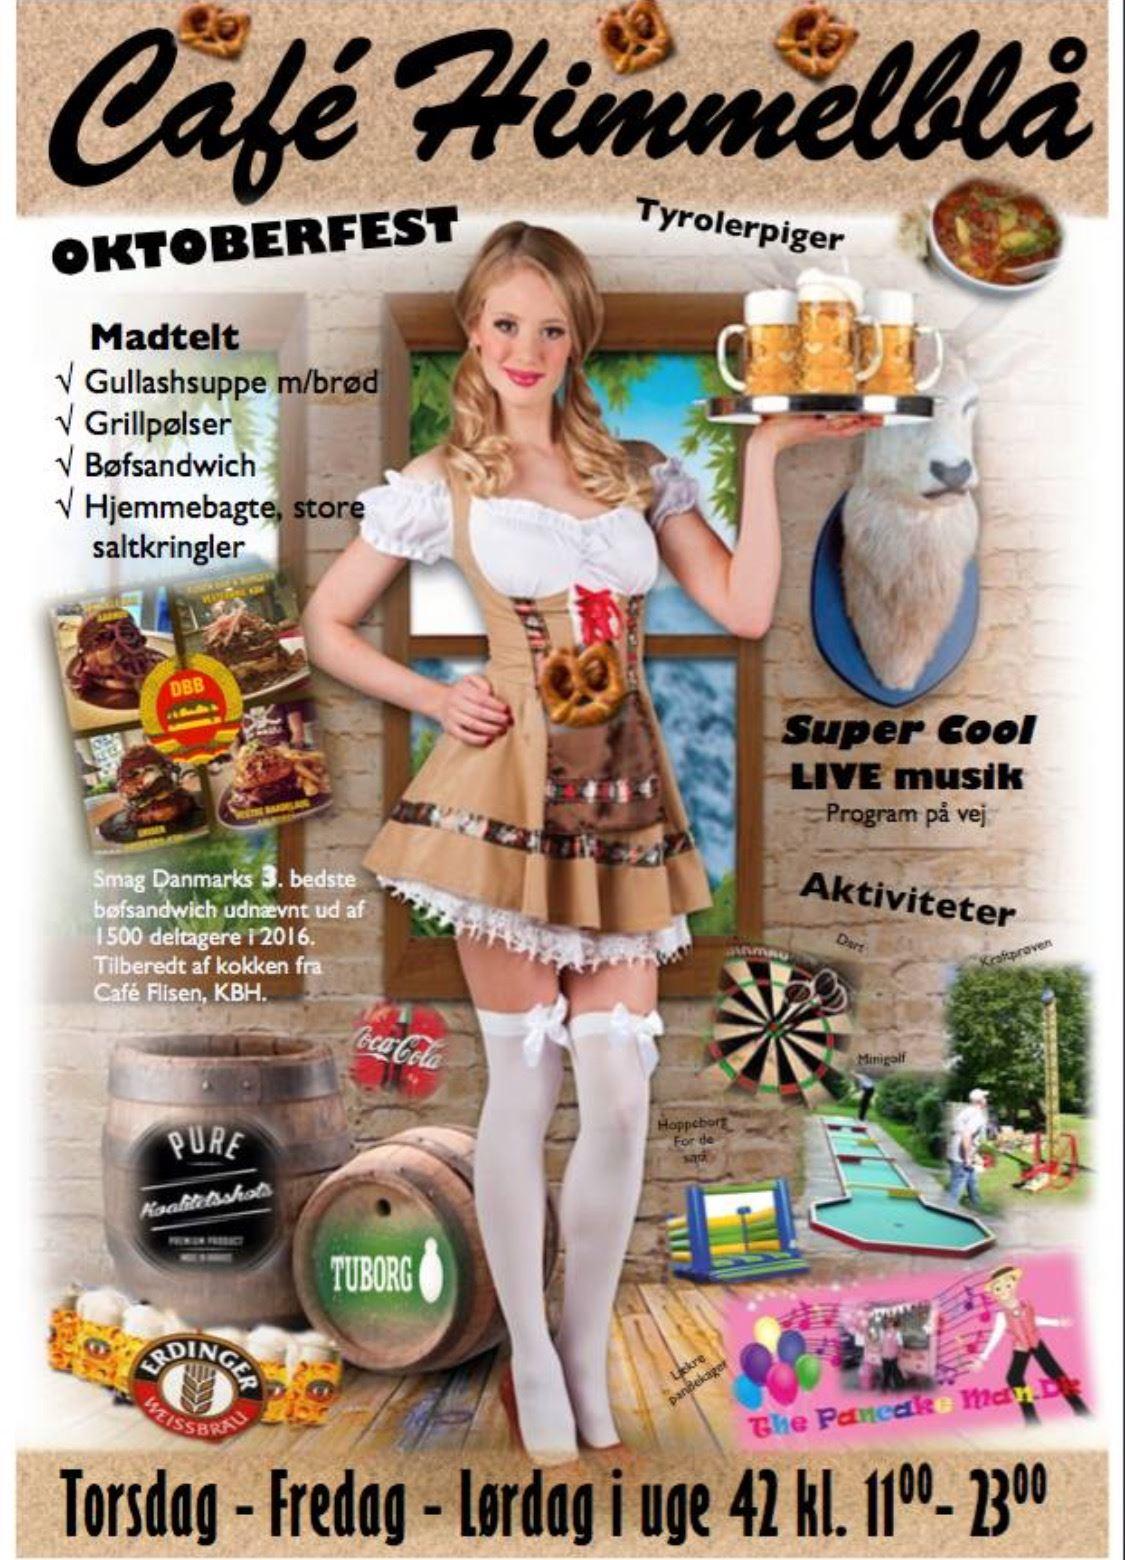 Oktoberfest i Café Himmelblå